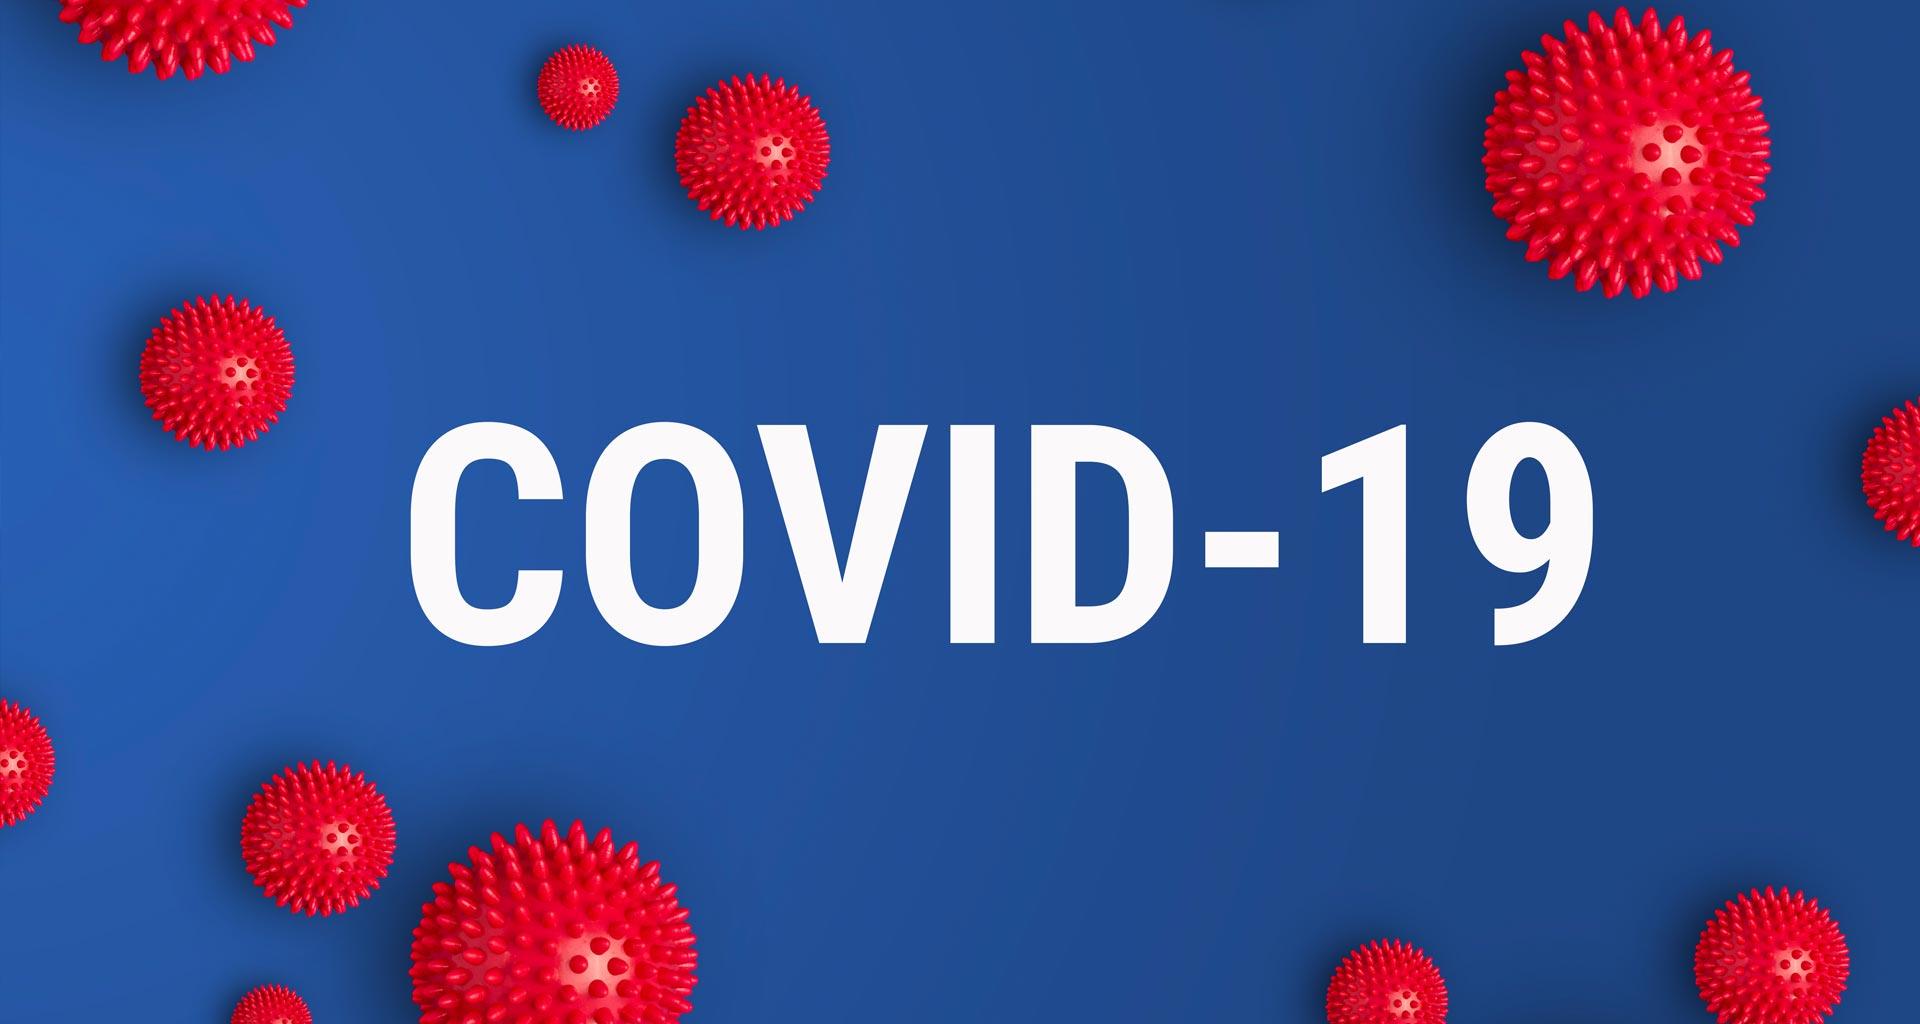 ¿Cómo debe ser la comunicación de mi marca durante el COVID-19?